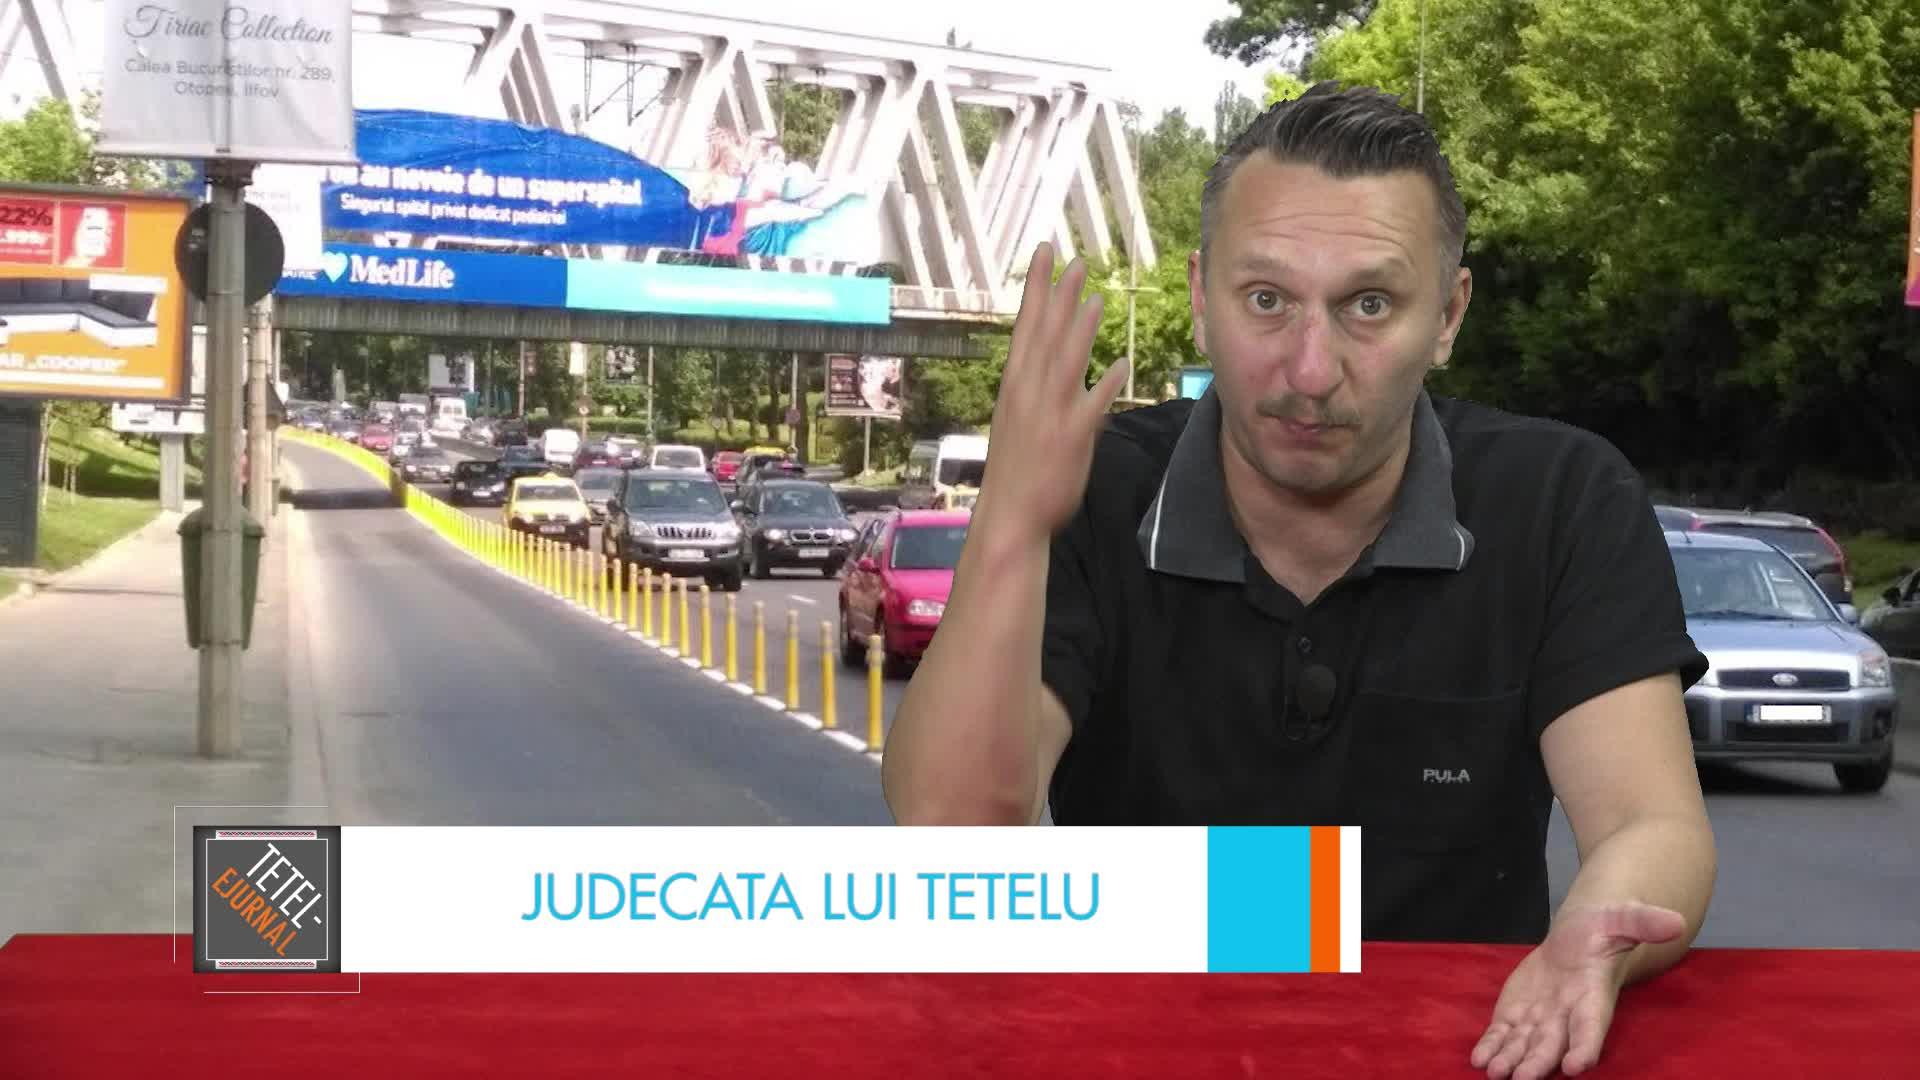 Judecata lui Tetelu: Cu sau fără taxe